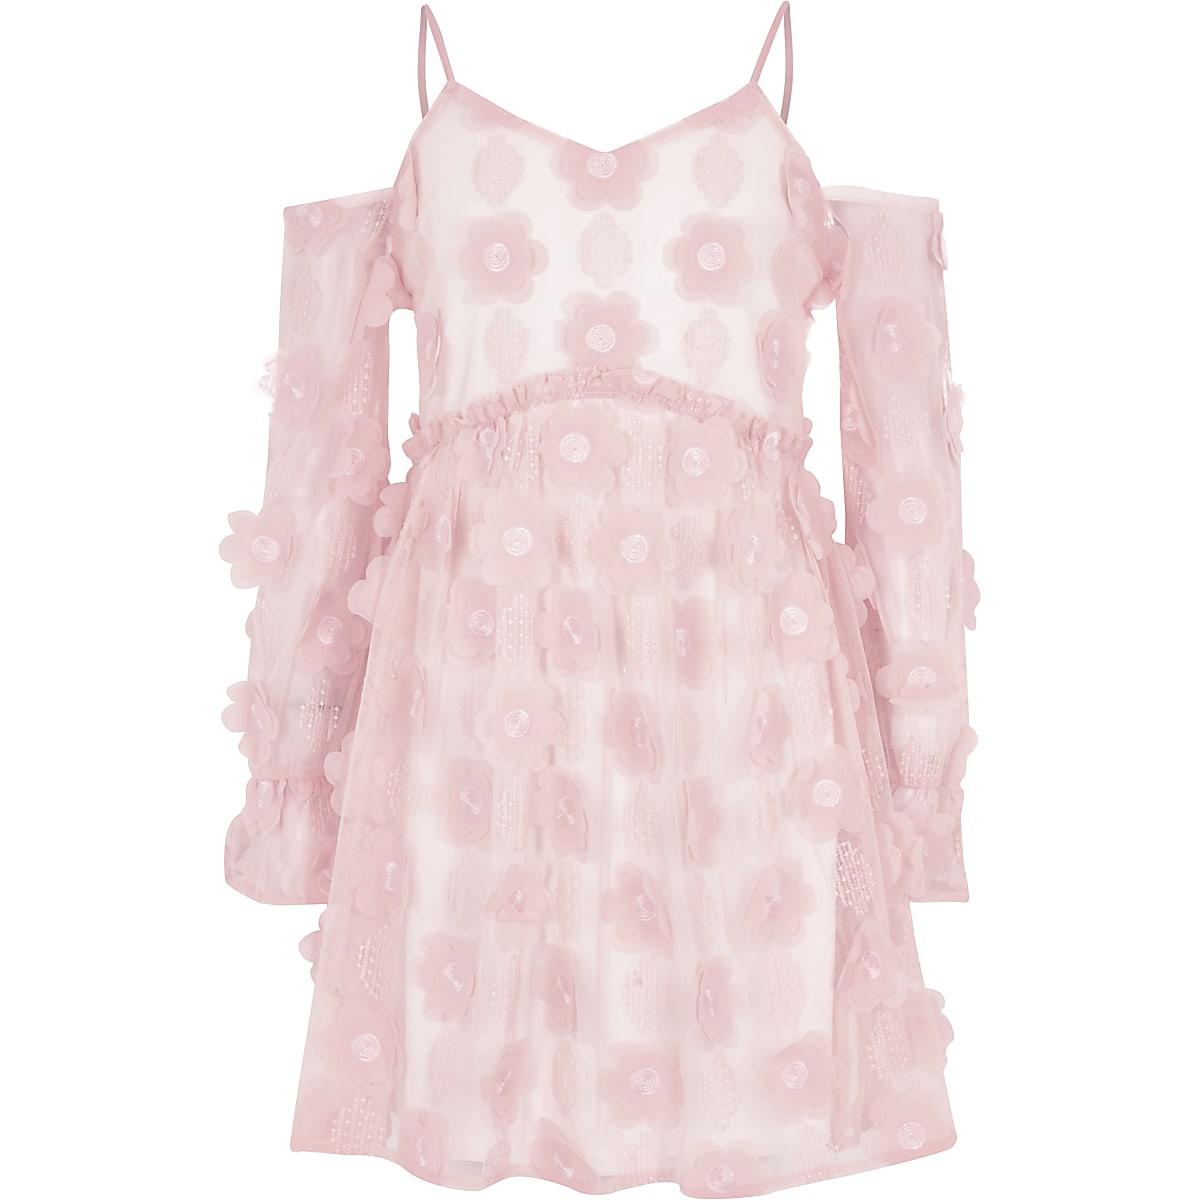 Roze schouderloze jurk met bloemenprint voor meisjes